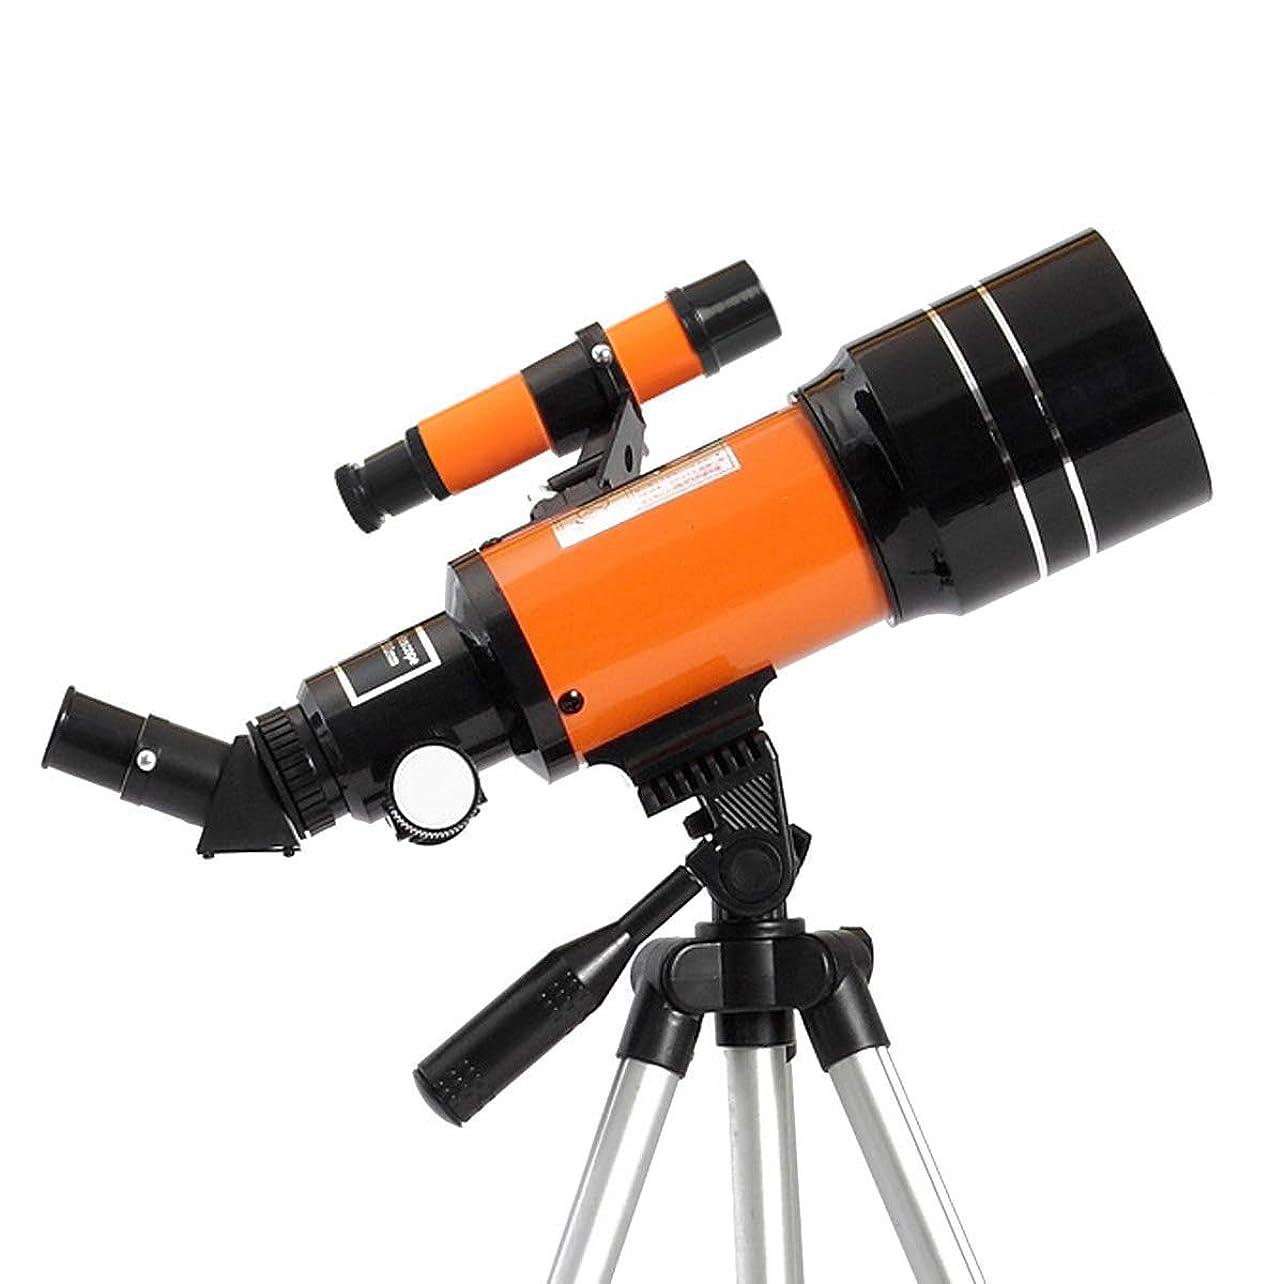 変成器刺激する時間とともにHDプロフェッショナル屋外天体望遠鏡ナイトビジョン深宇宙スタービュームーンビュー150X単眼望遠鏡